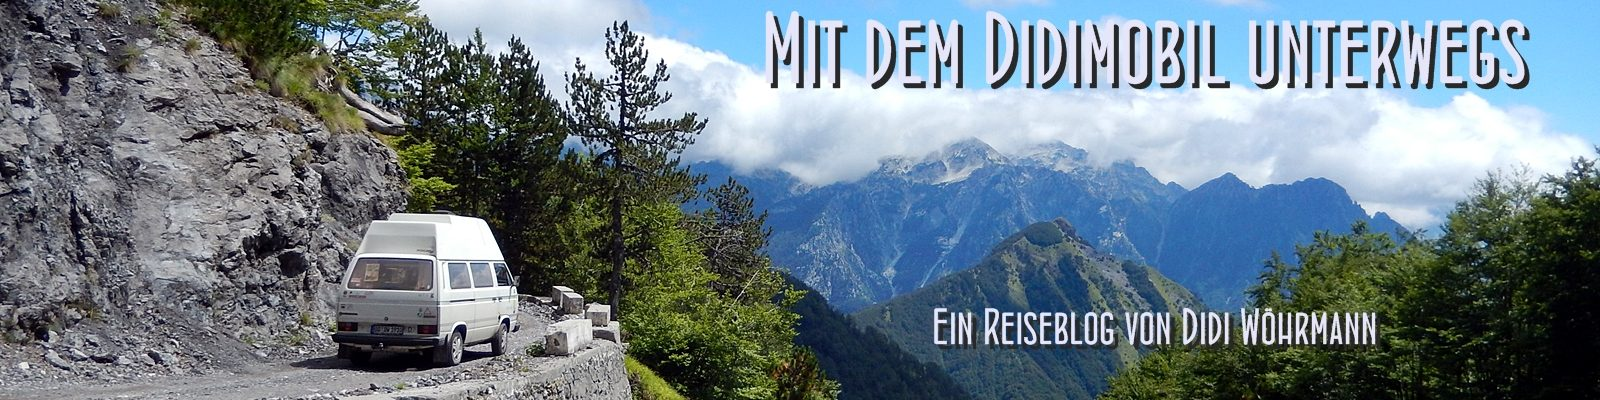 Mit dem Didimobil unterwegs - Ein Reiseblog von Didi Wöhrmann